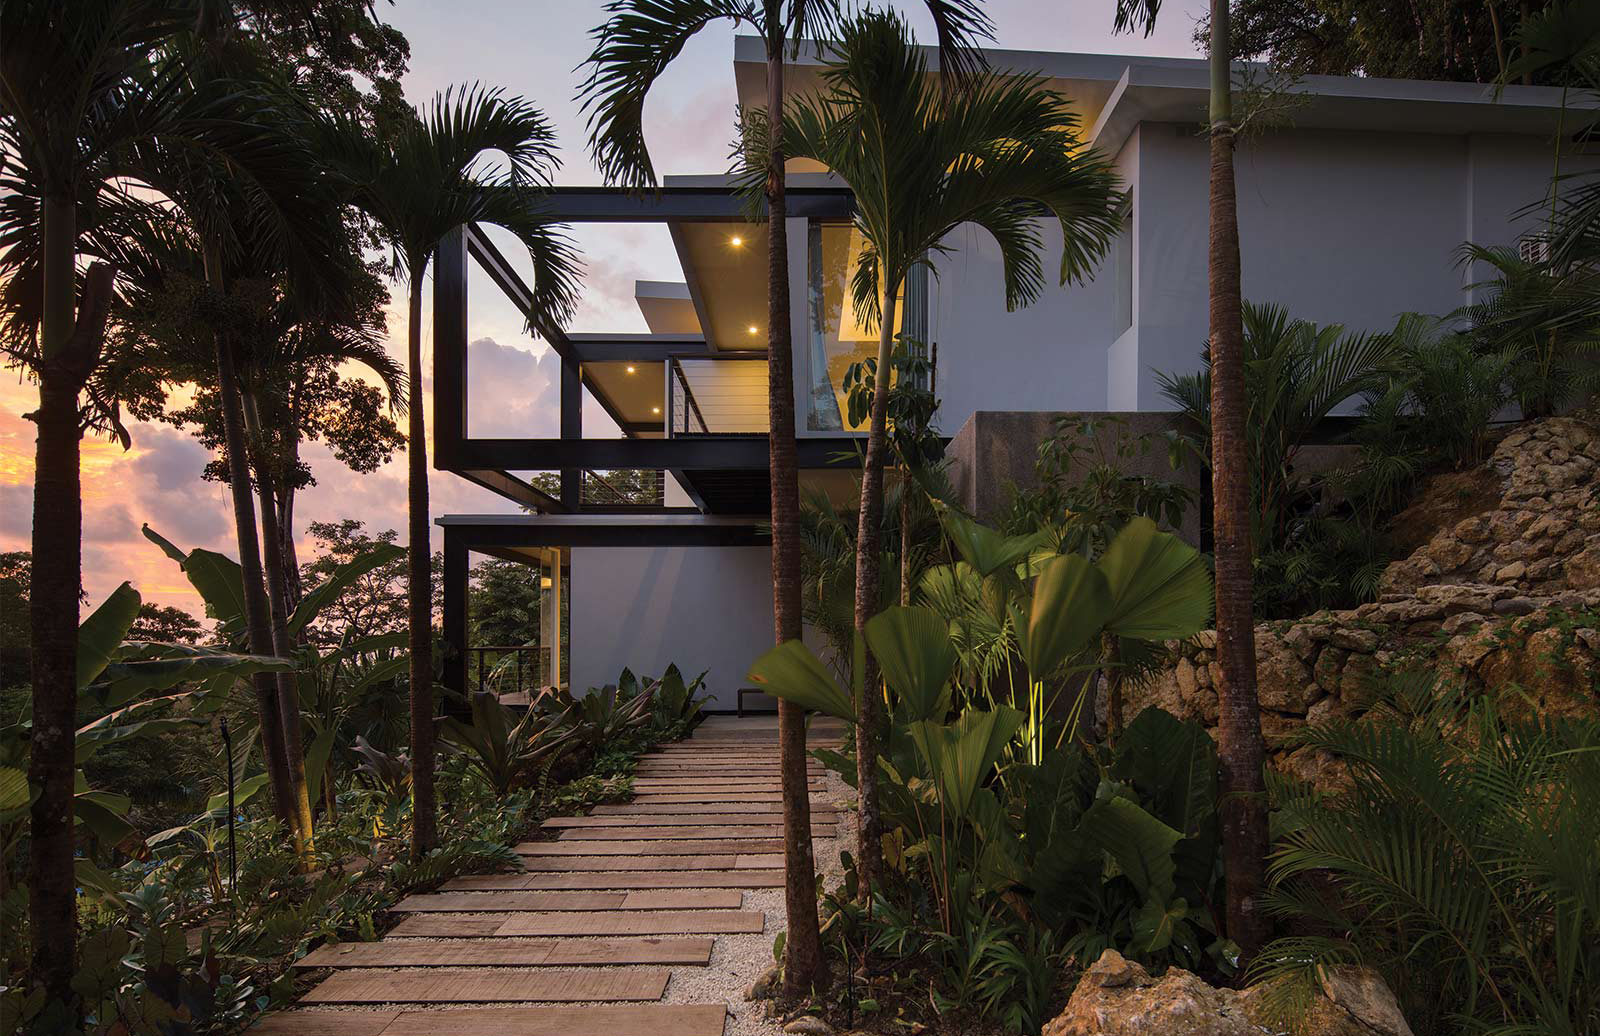 Casa BriBri for rent in Costa Rica